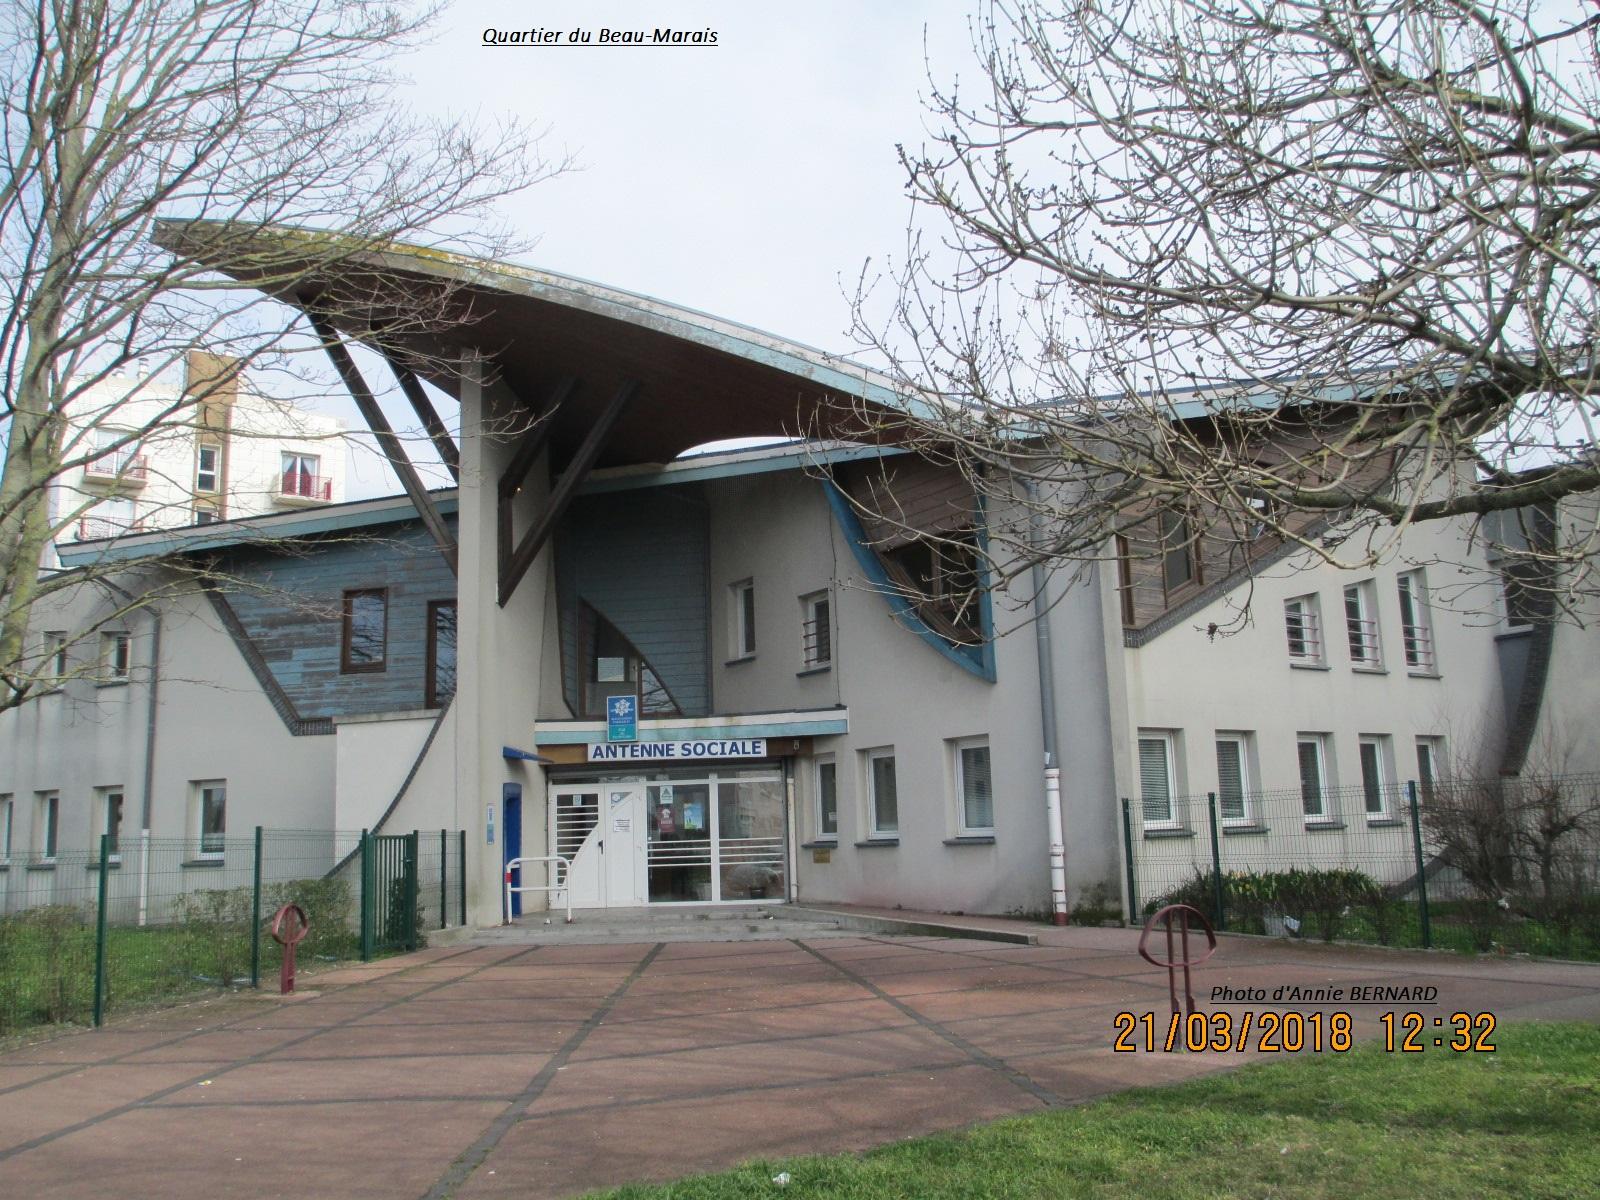 Quartier du Beau-Marais  et une antenne sociale